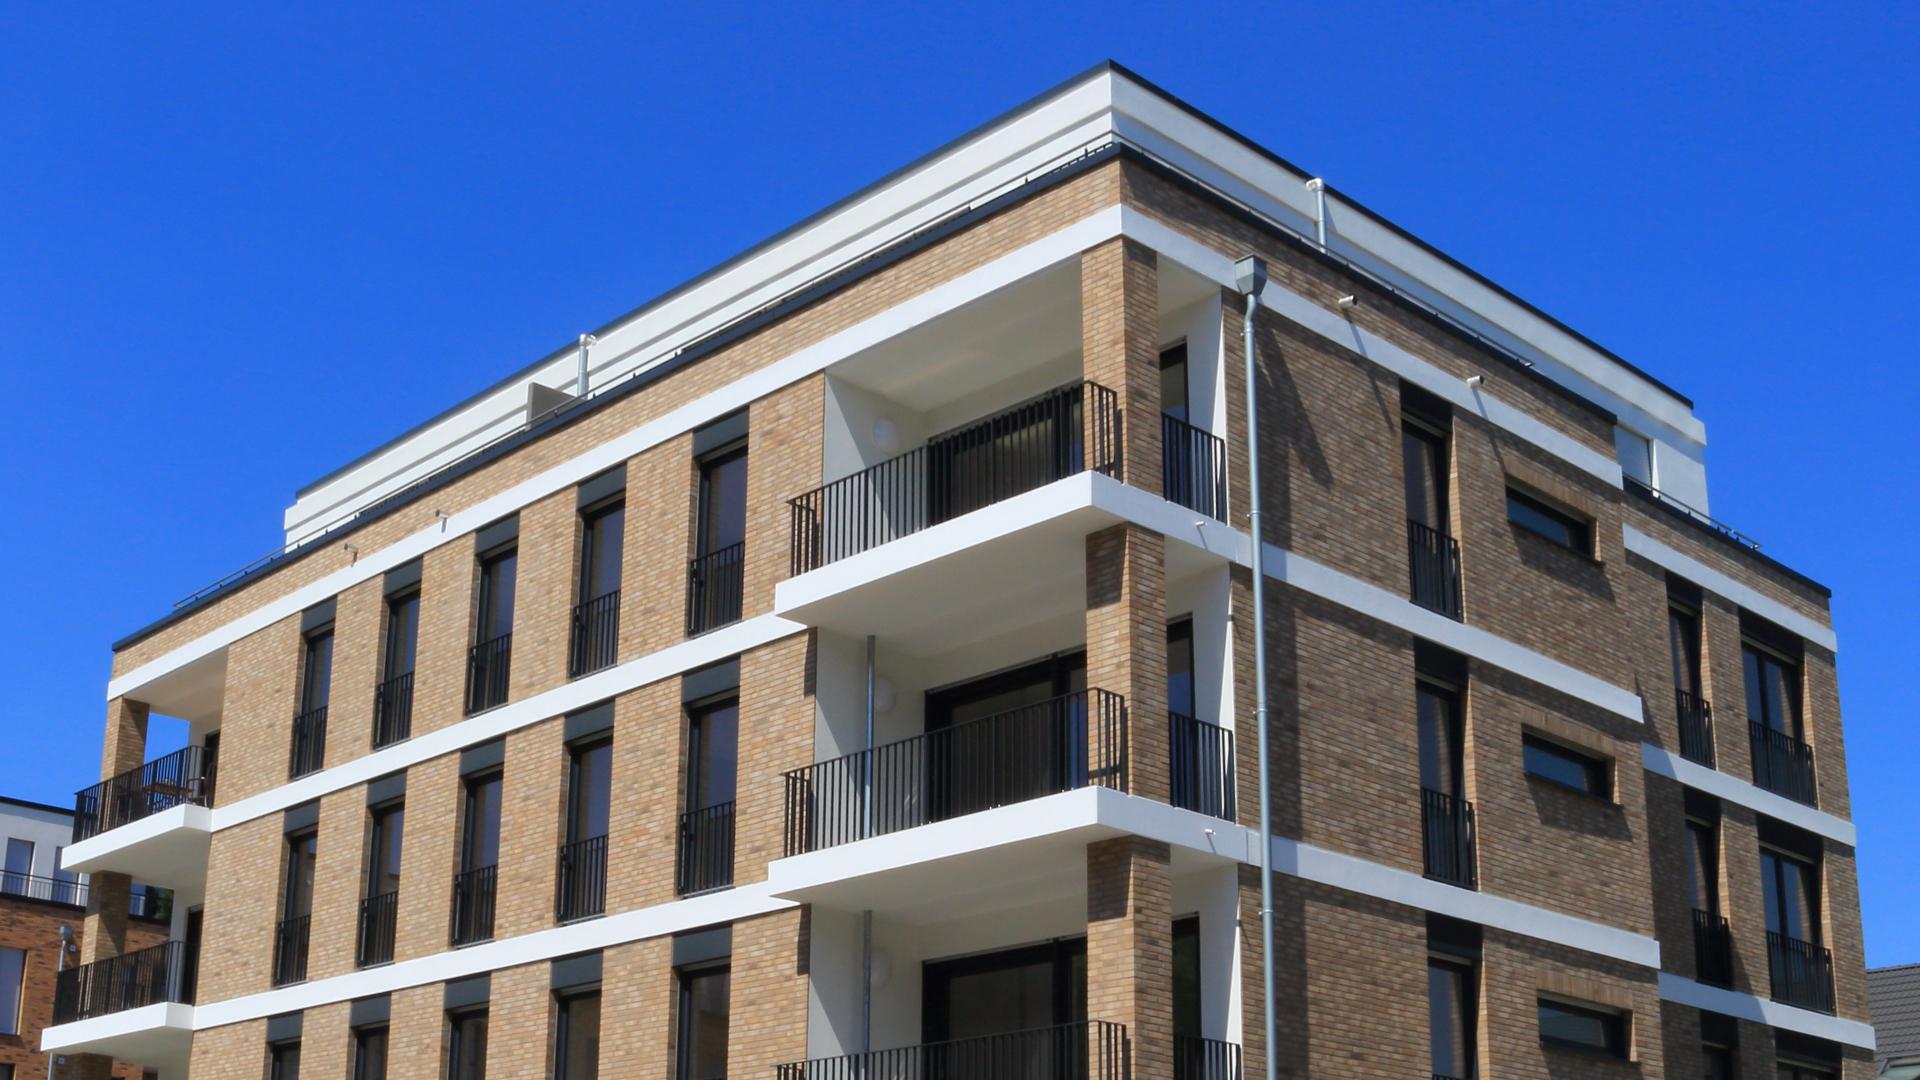 realwert e k immobilienmakler und hausverwalter in h rth. Black Bedroom Furniture Sets. Home Design Ideas